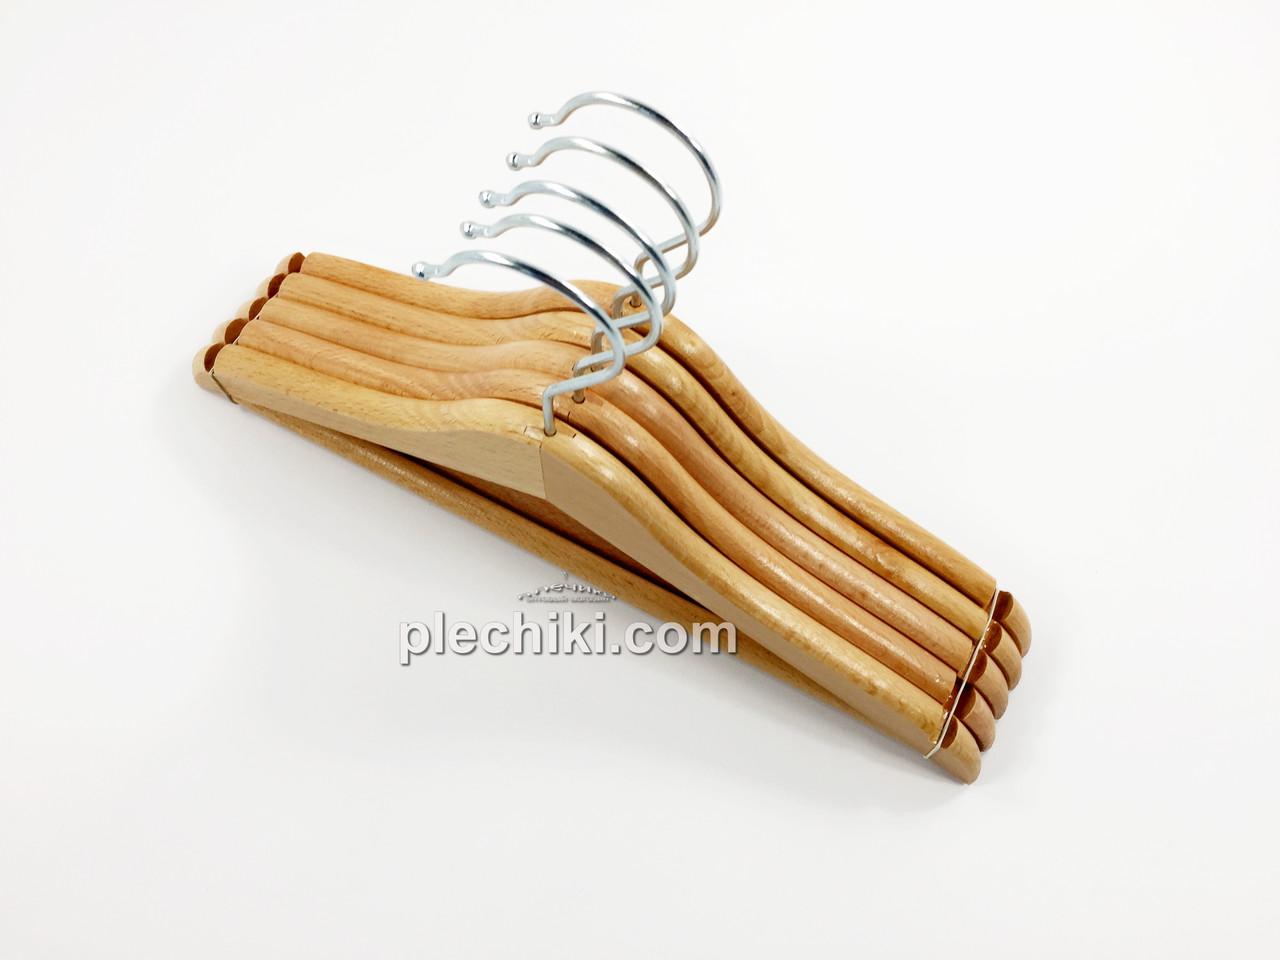 Вешалки детские деревянные лакированные (бук) с перекладиной 5 штук, длина 320 мм